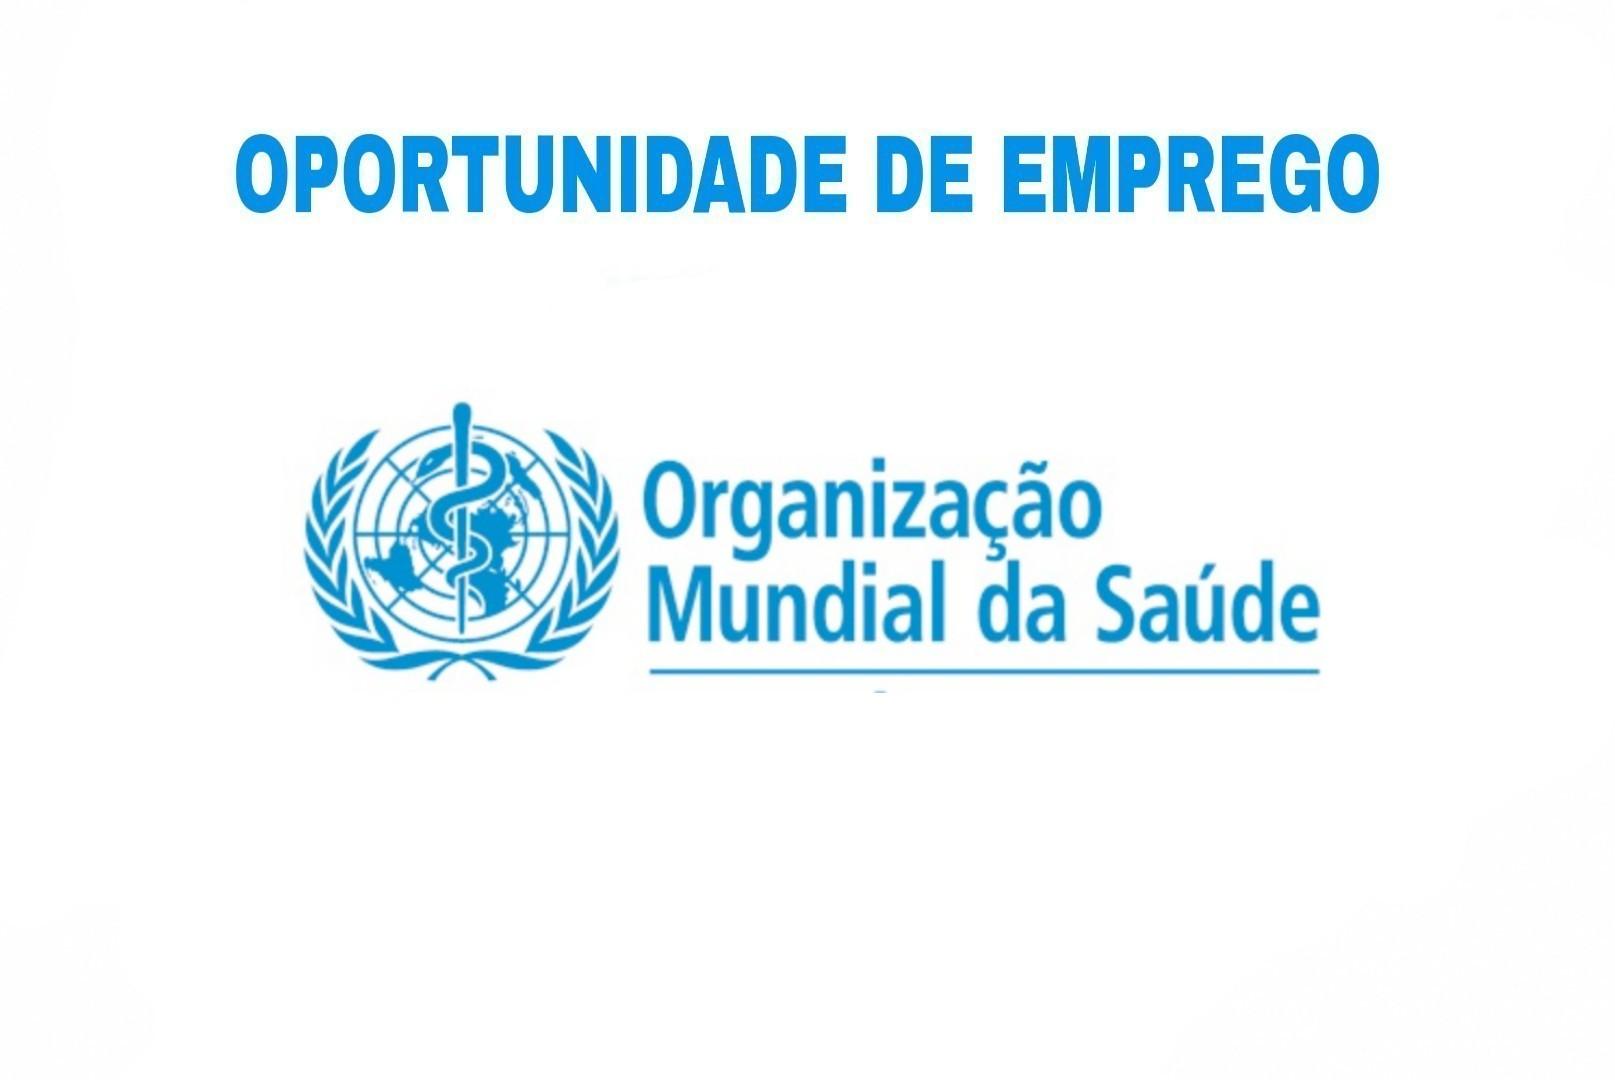 Sovagasmoz - Organização Mundial de Saúde